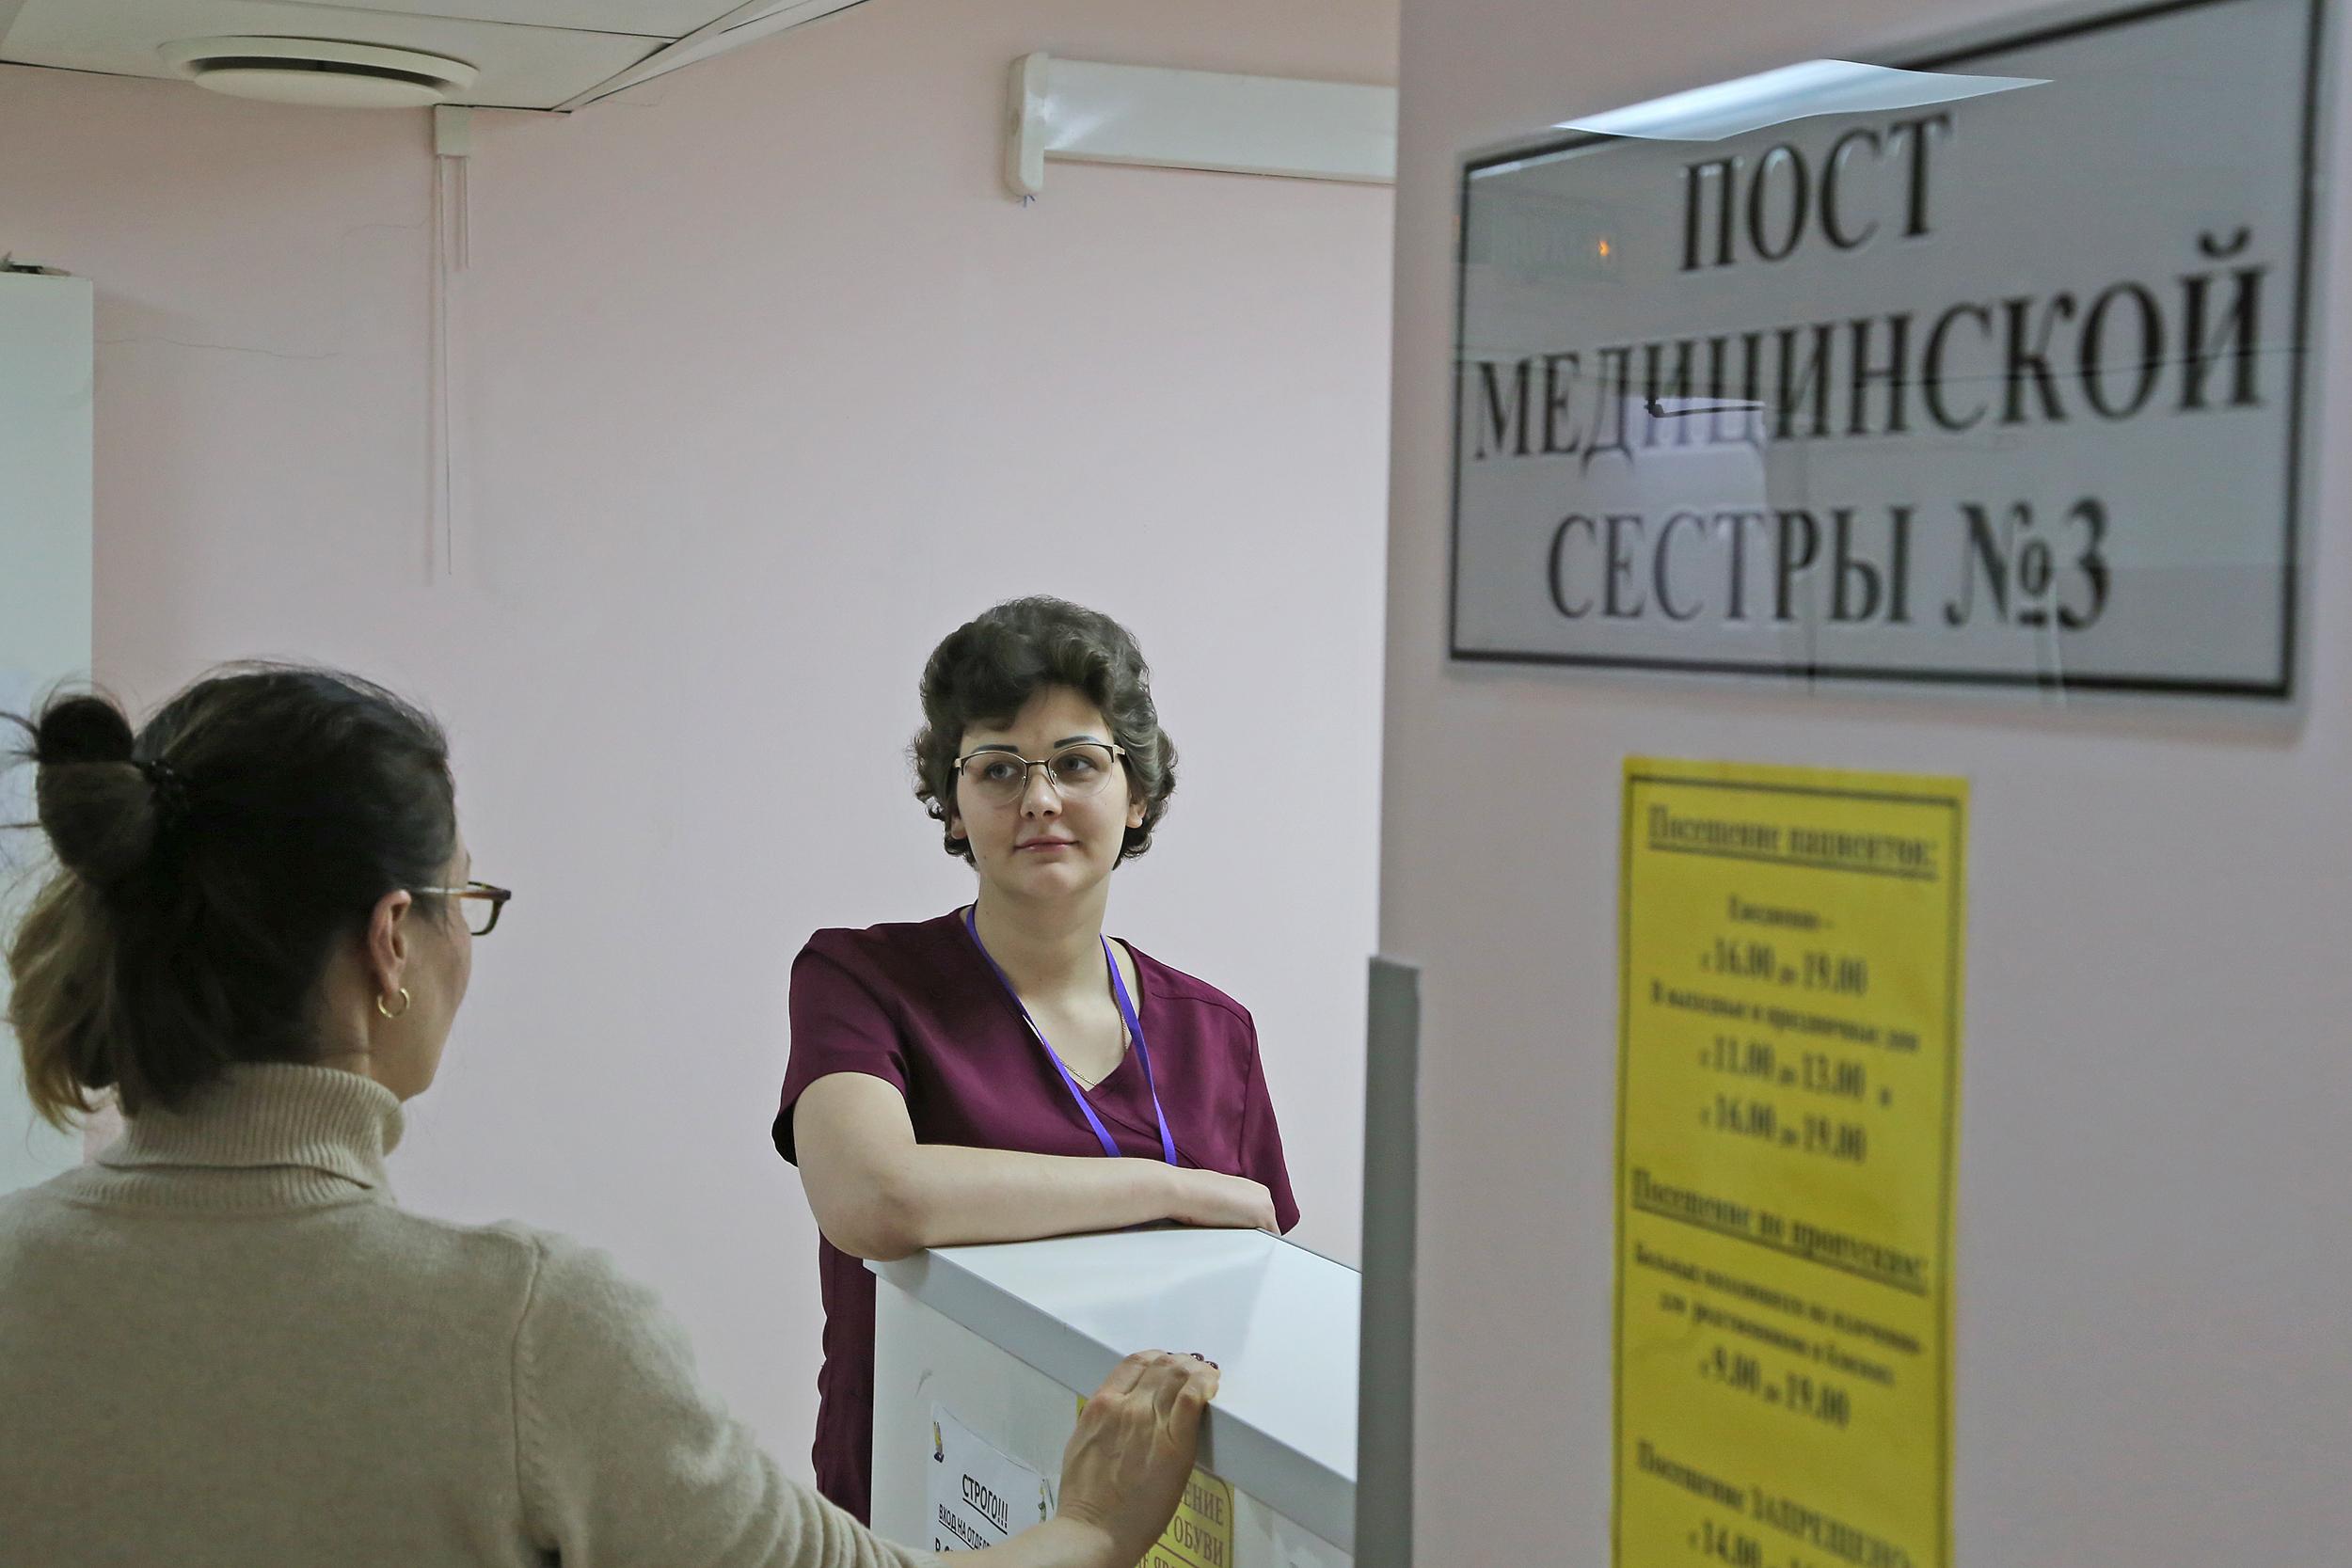 Фото: Павел Каравашкин / «Фонтанка.ру»